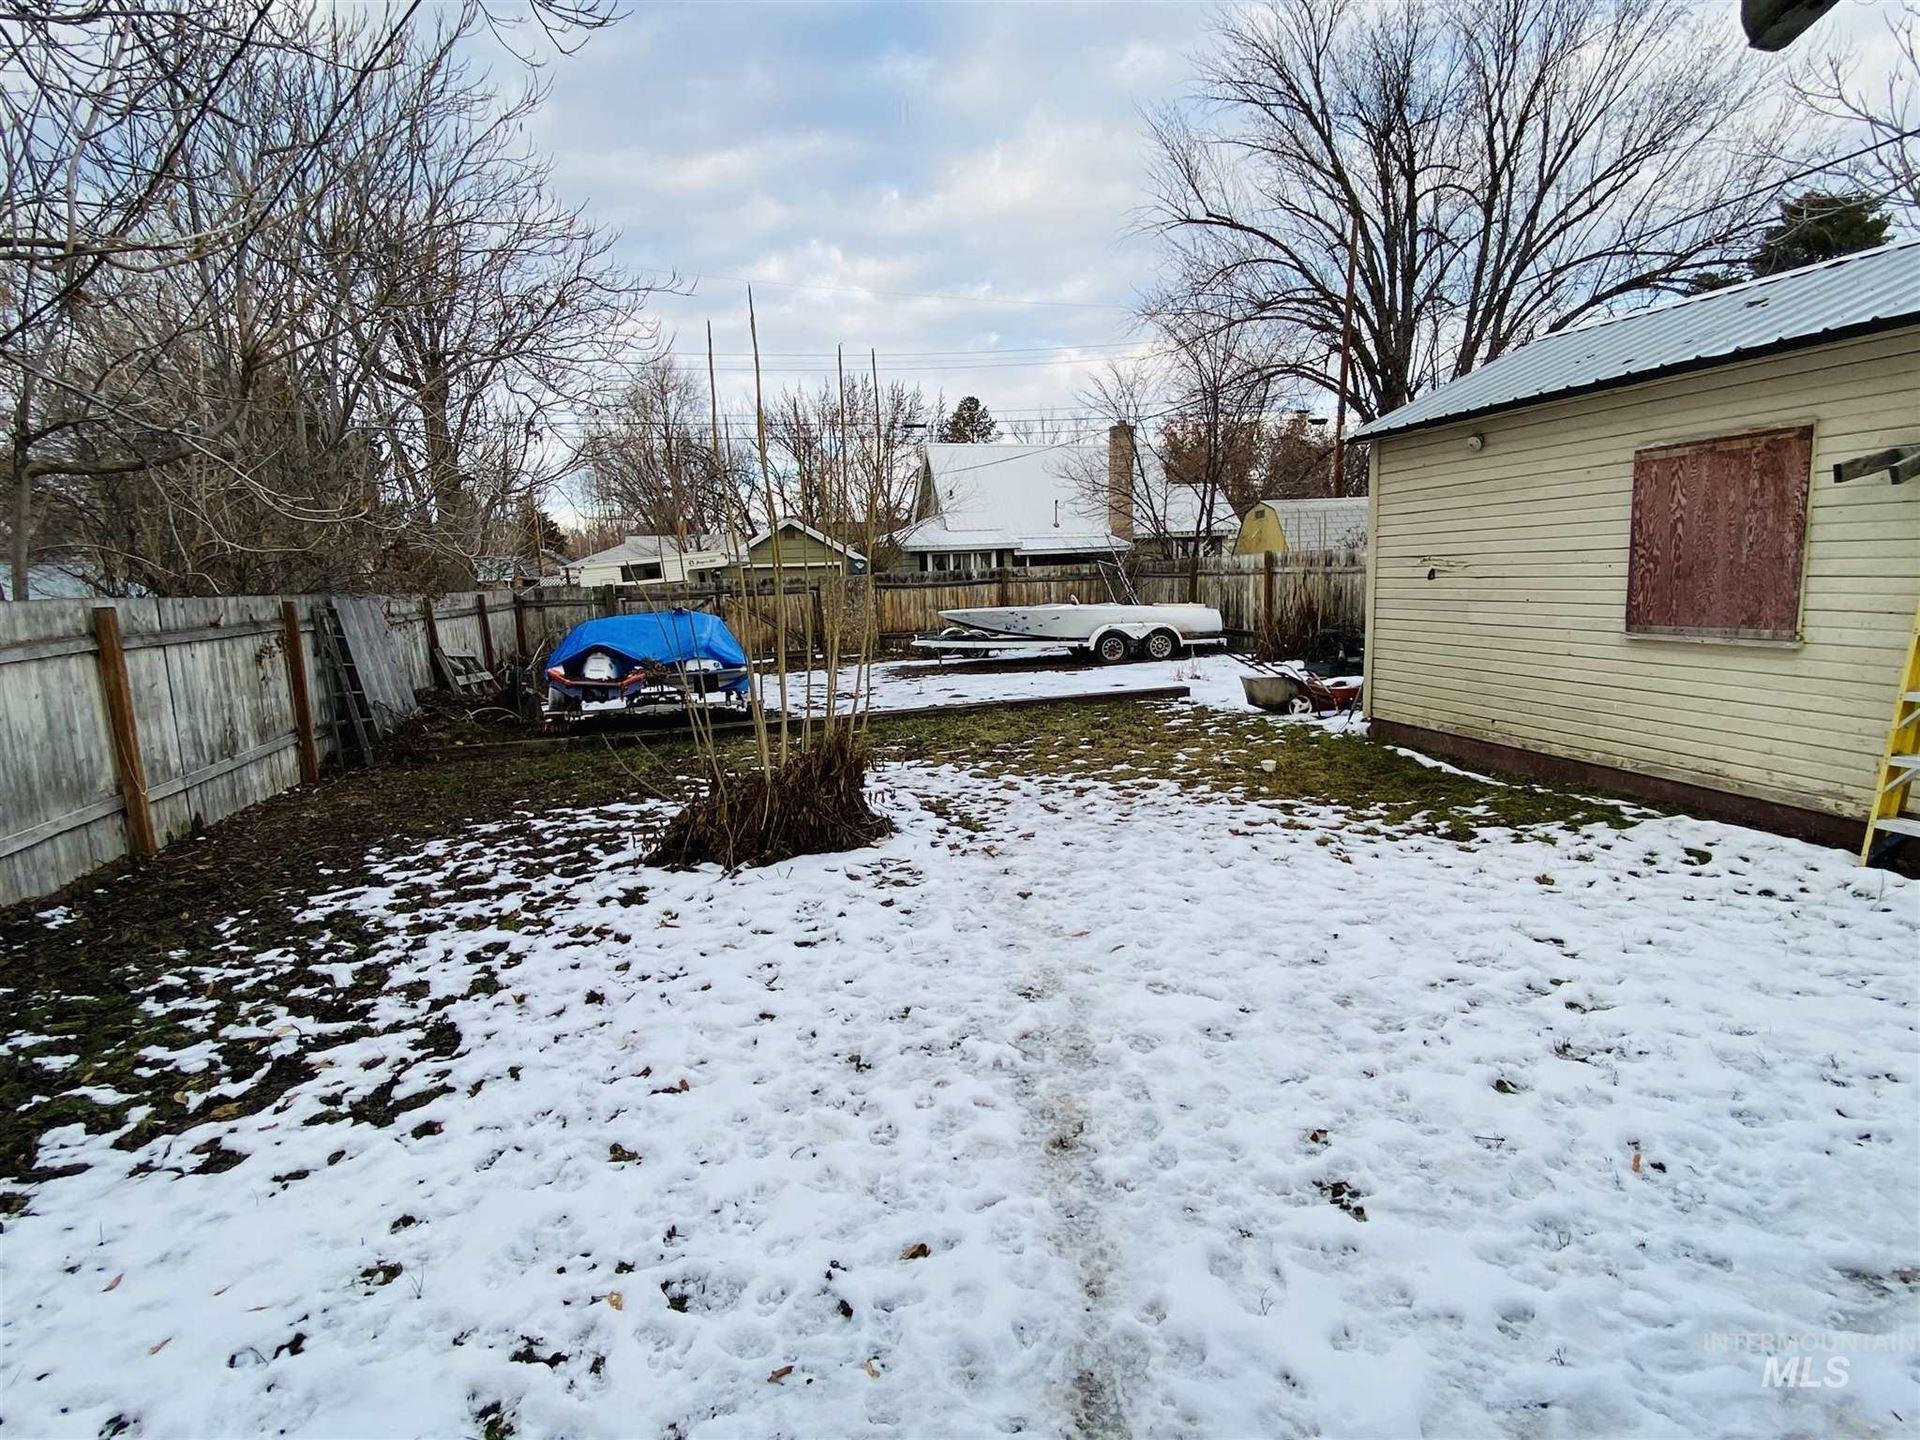 Photo of 604 W Galloway, Weiser, ID 83672 (MLS # 98791227)